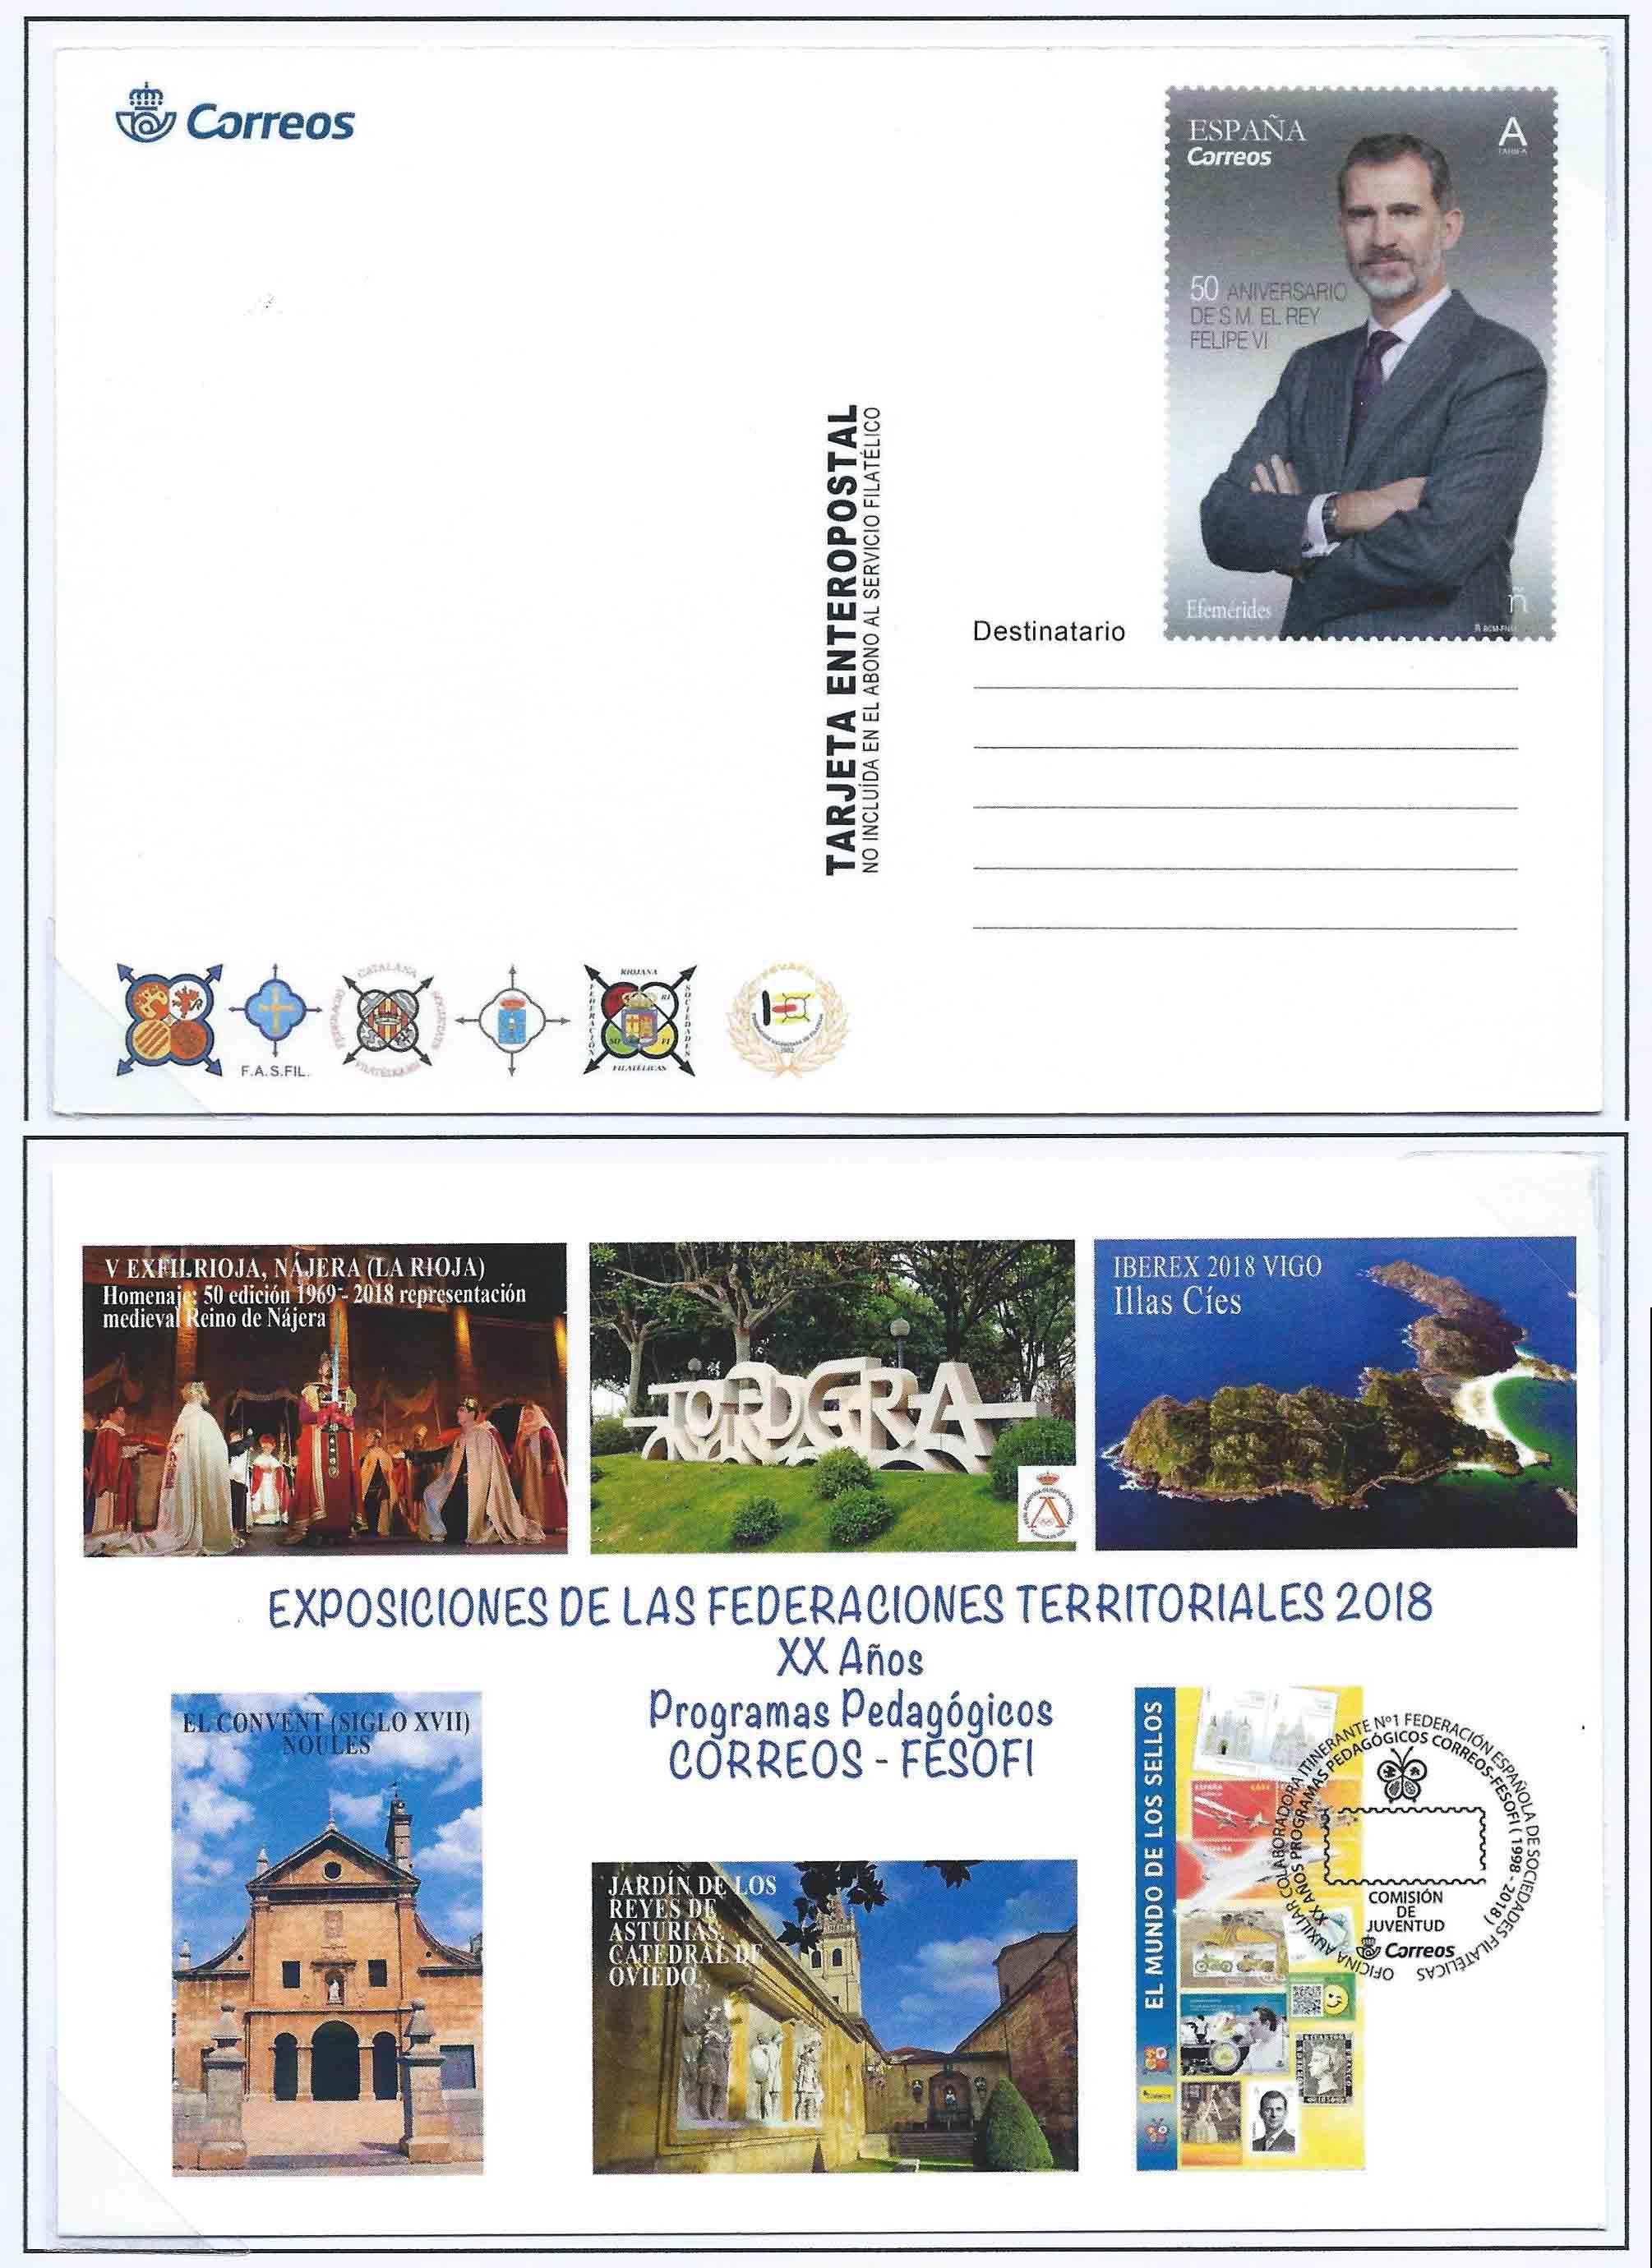 2018. 50 Feria Nacional del Sello. Fesofi